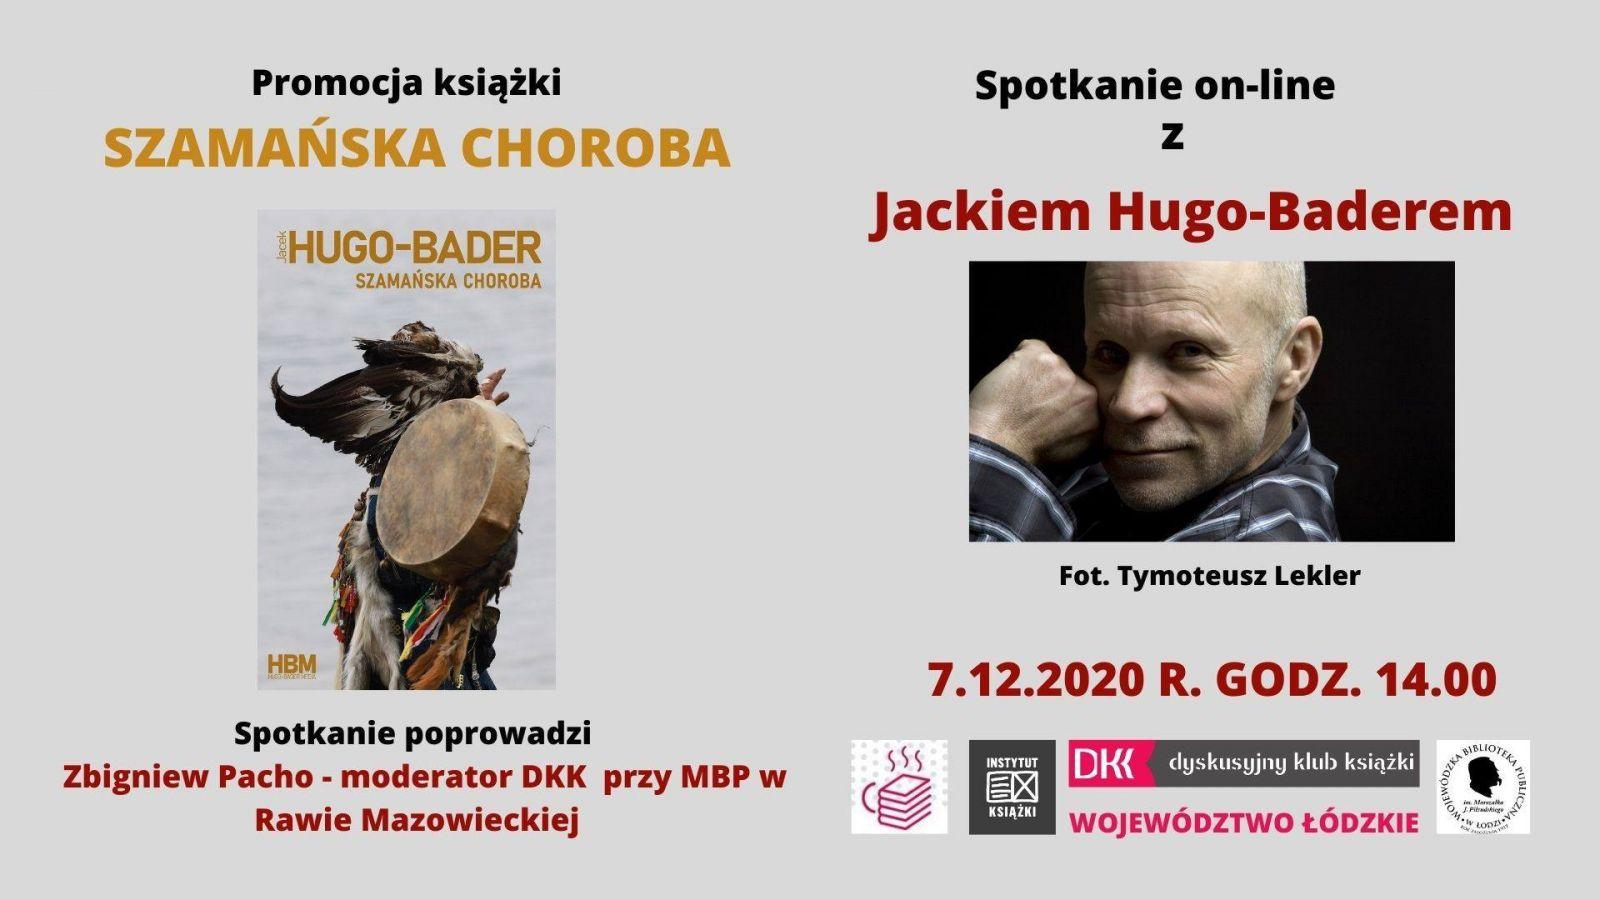 """Spotkanie on-line z Jackiem Hugo-Baderem. Plakat na szarym tle. Po lewej stronie jest okładka książki """"Szamańska choroba"""", po prawej zdjęcie autora"""